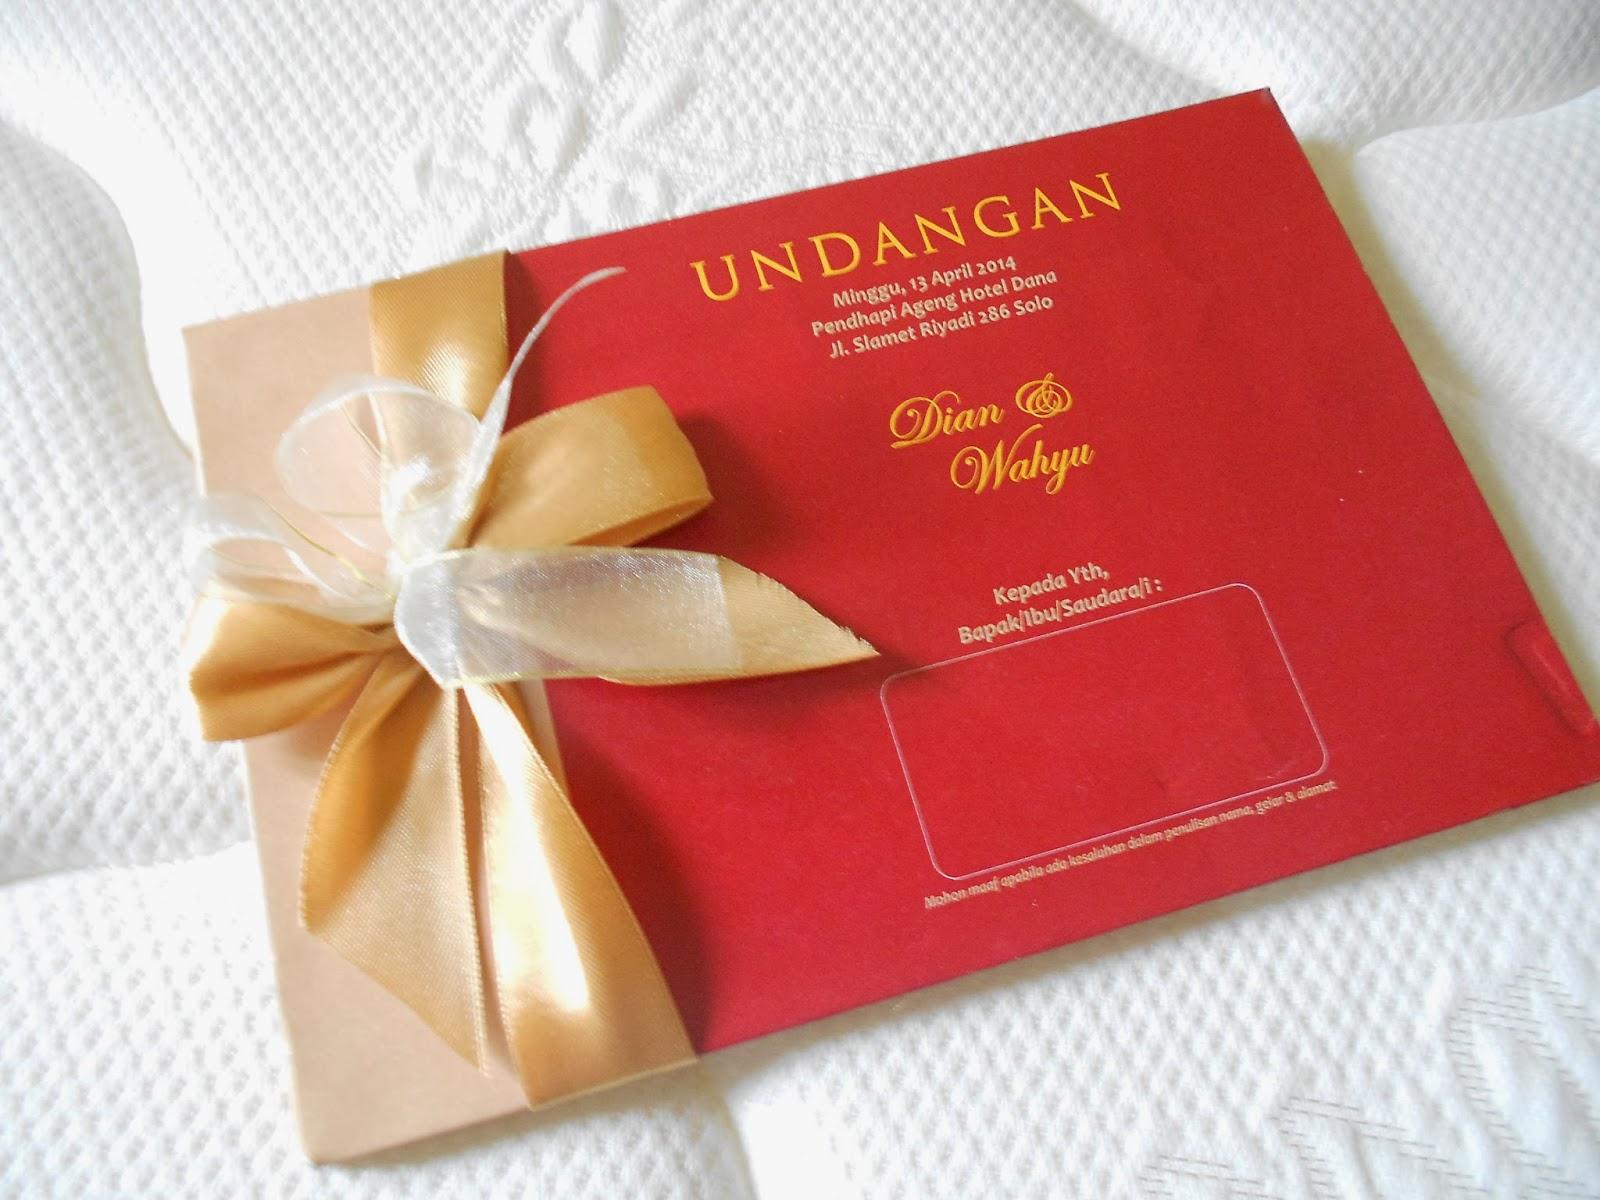 Undangan Pernikahan Gold Merah Marun Enha 069 Undangan